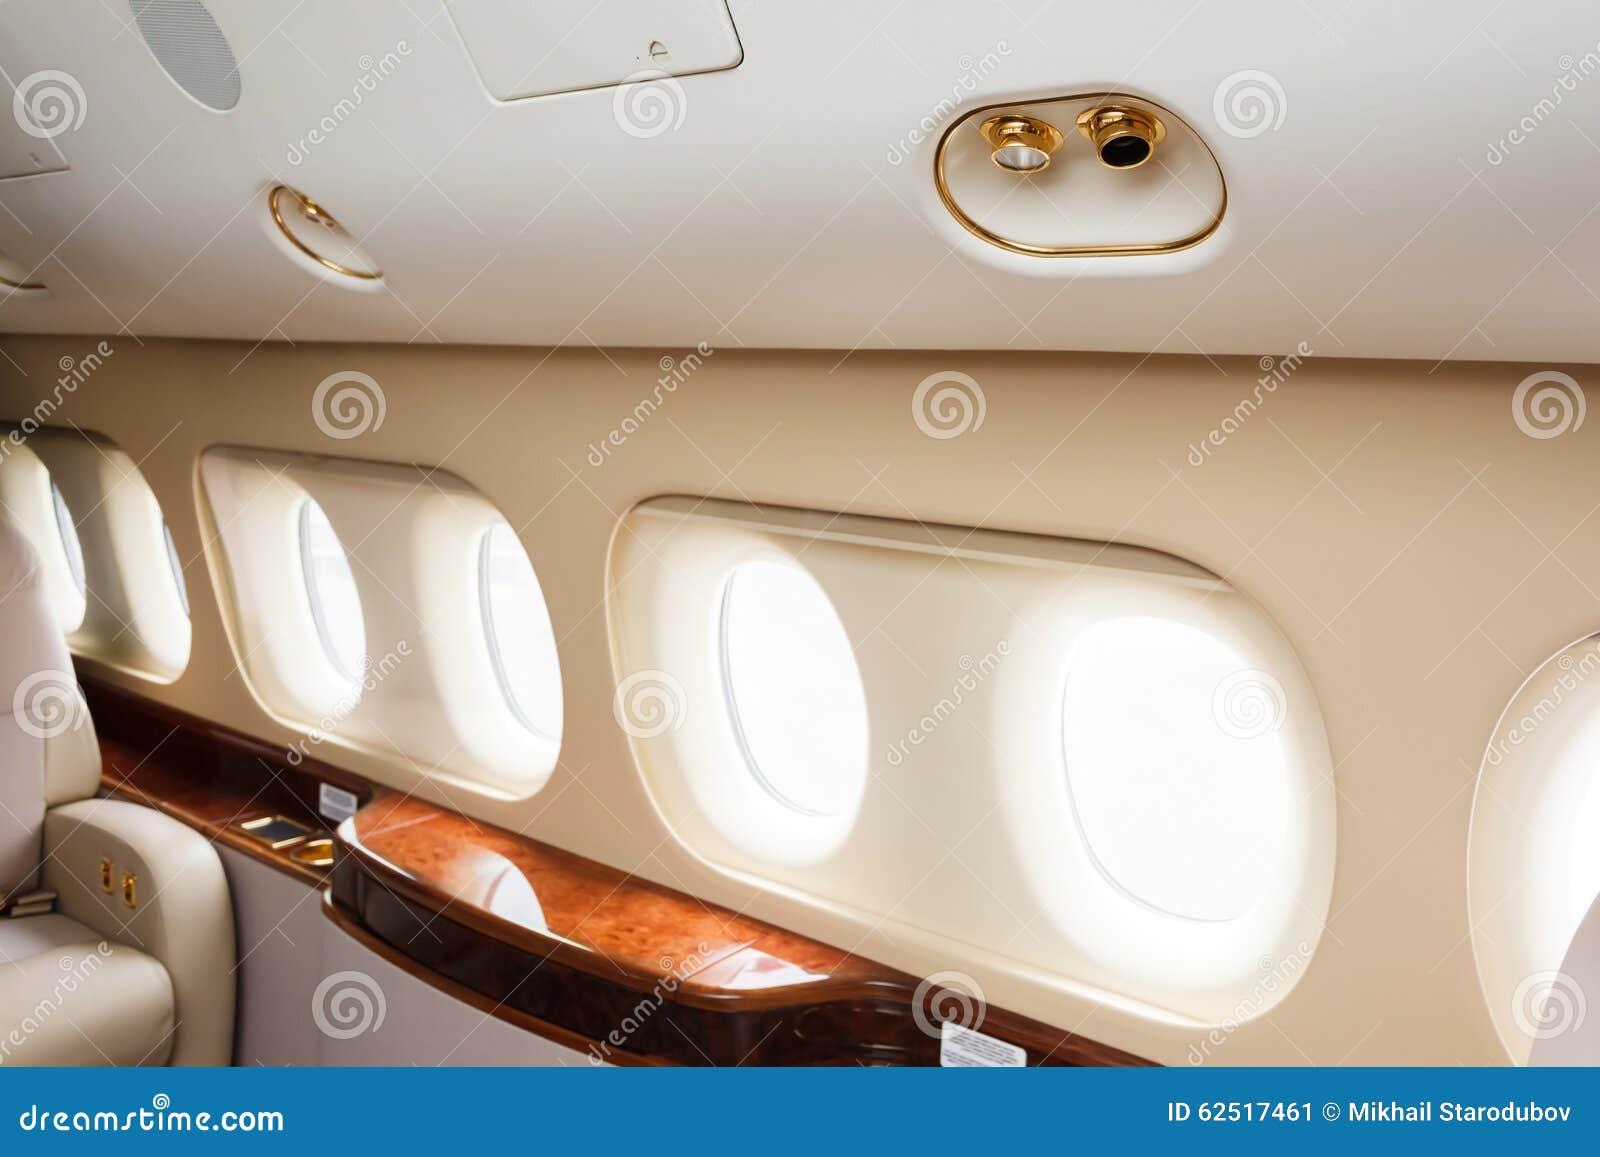 Jet Privato Lussuoso : Jet privato interni interno di un jet privato immagini stock un